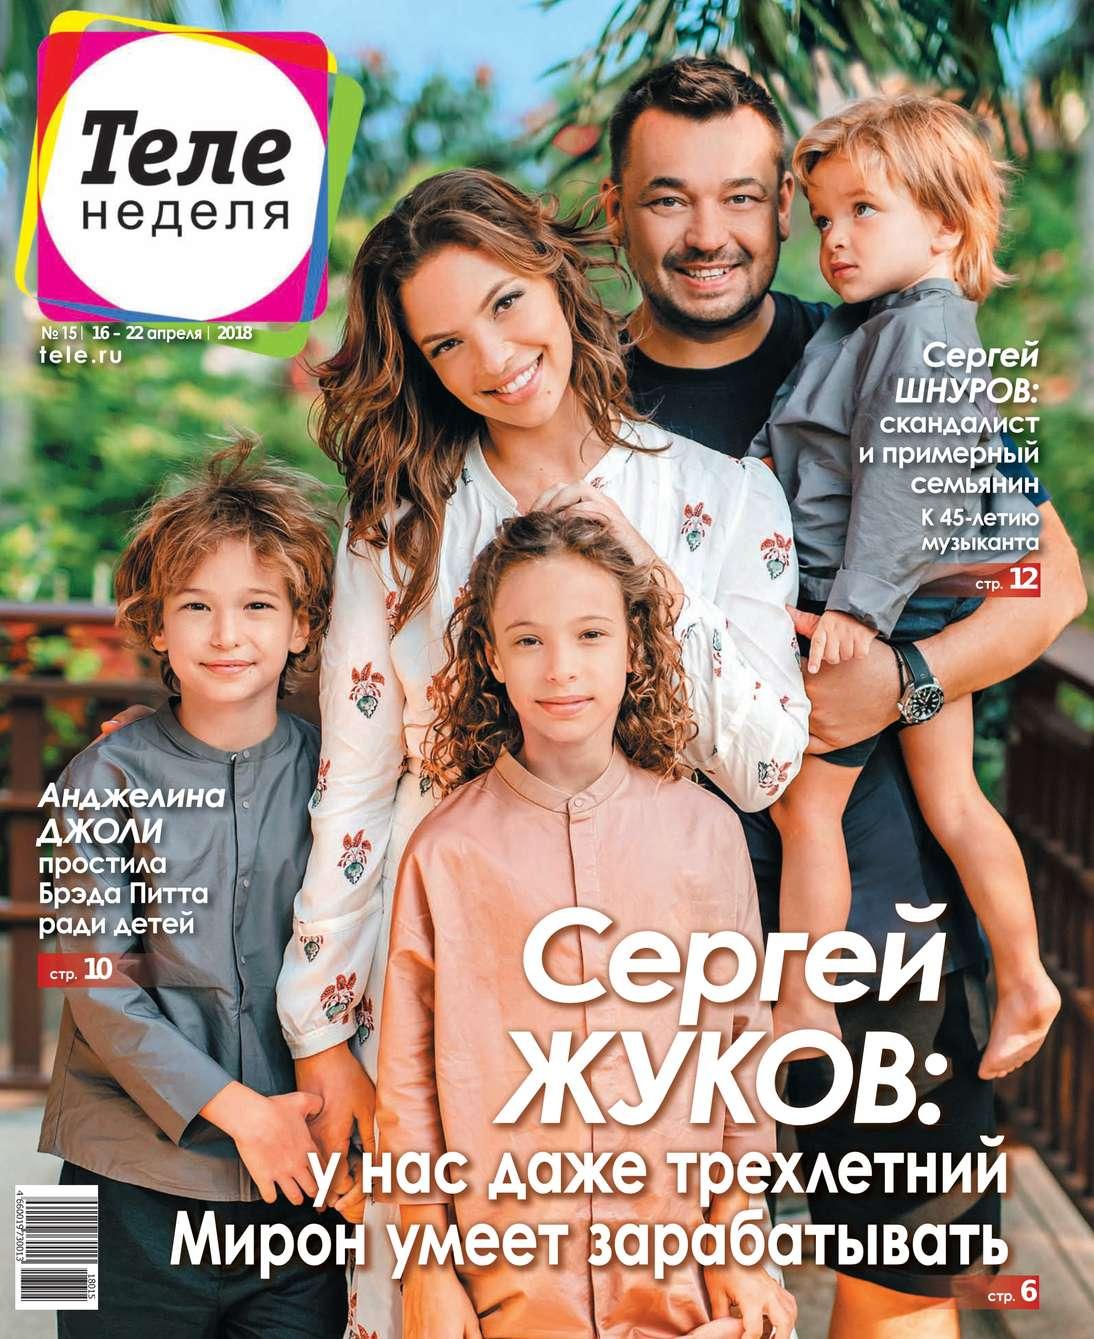 Теленеделя. Журнал о Знаменитостях с Телепрограммой 15-2018